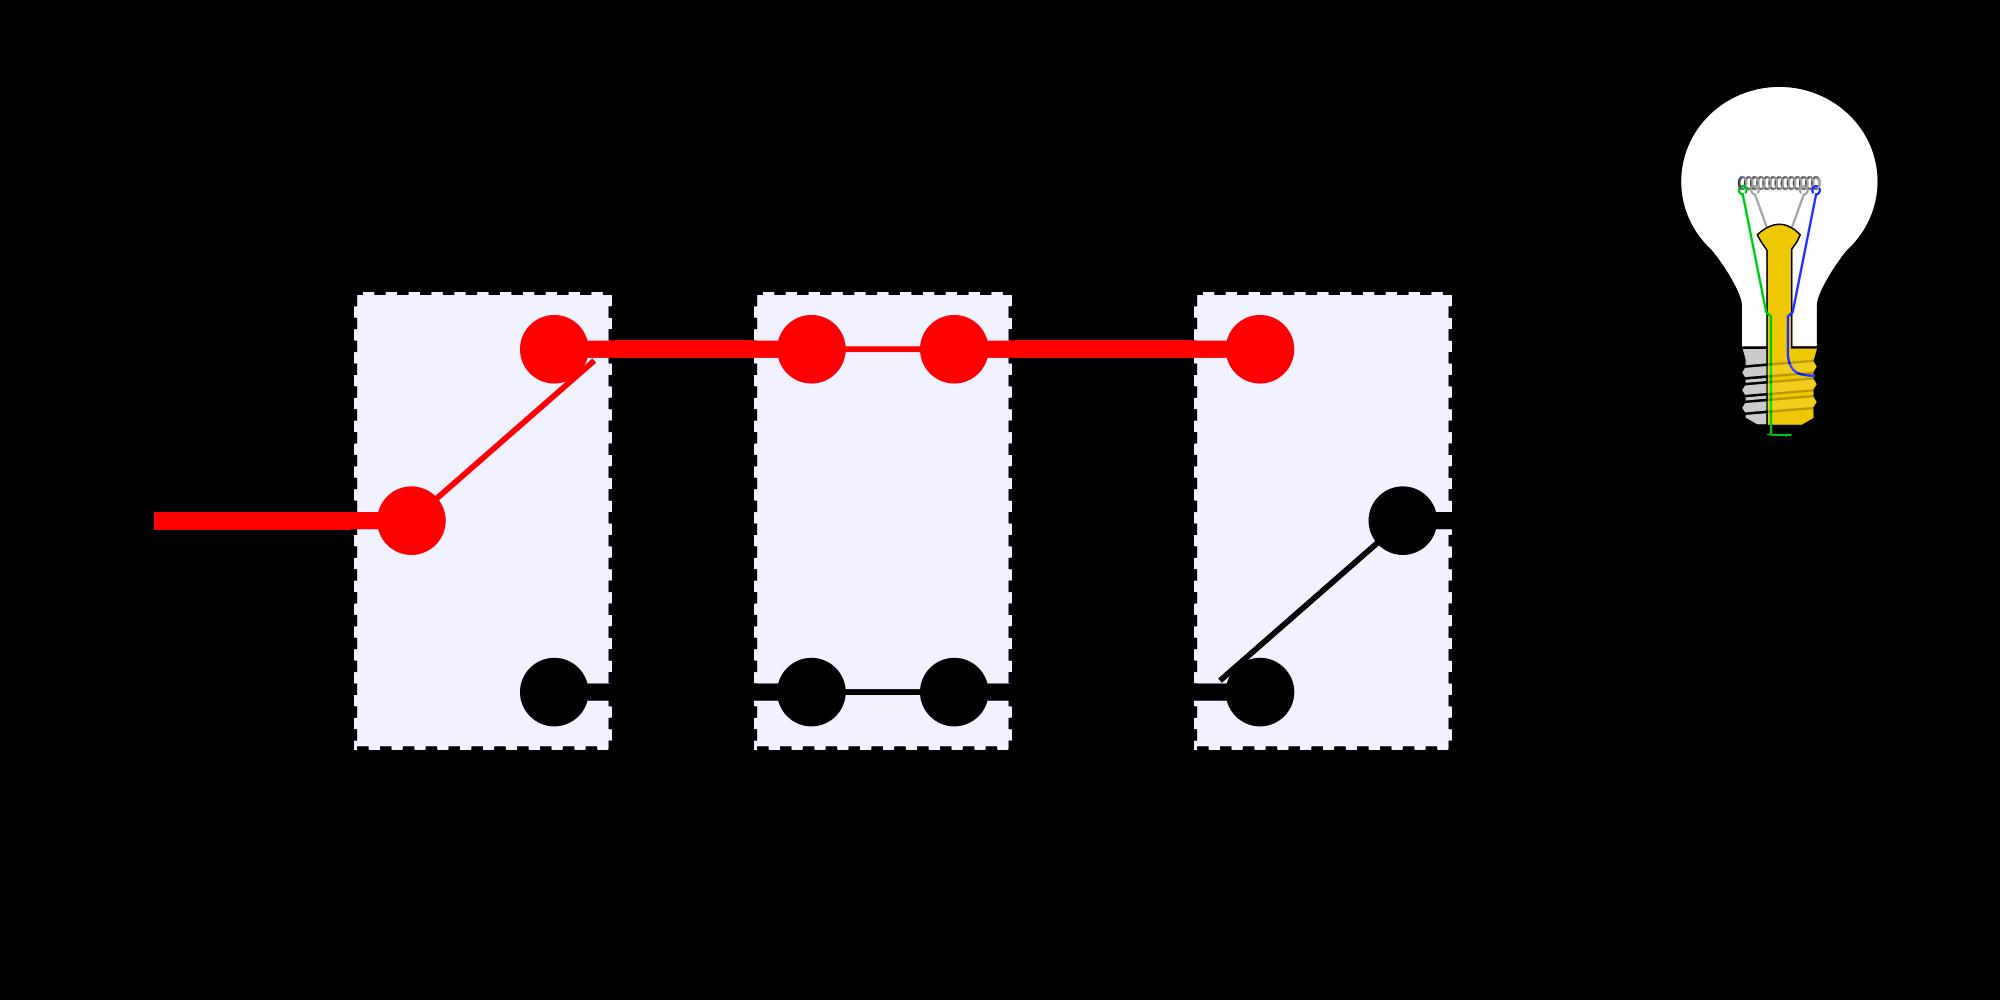 Unique Schematic Symbol Switch Diagram Wiringdiagram Diagramming Diagramm Visuals Visualisation Circuit Diagram 3 Way Switch Wiring Light Switch Wiring